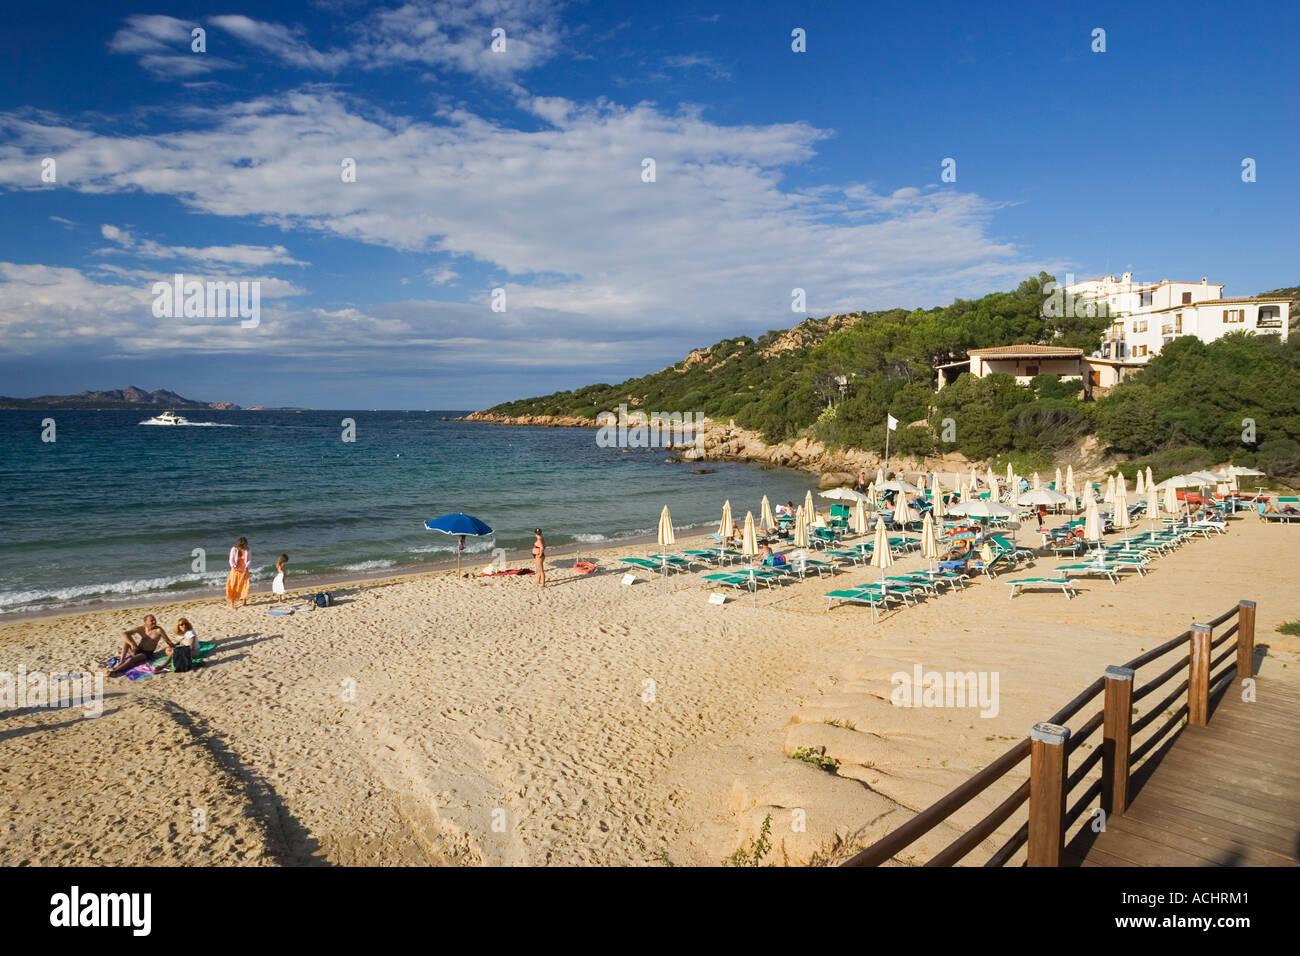 Baja Sardinia beach, Sardinia, Italy - Stock Image